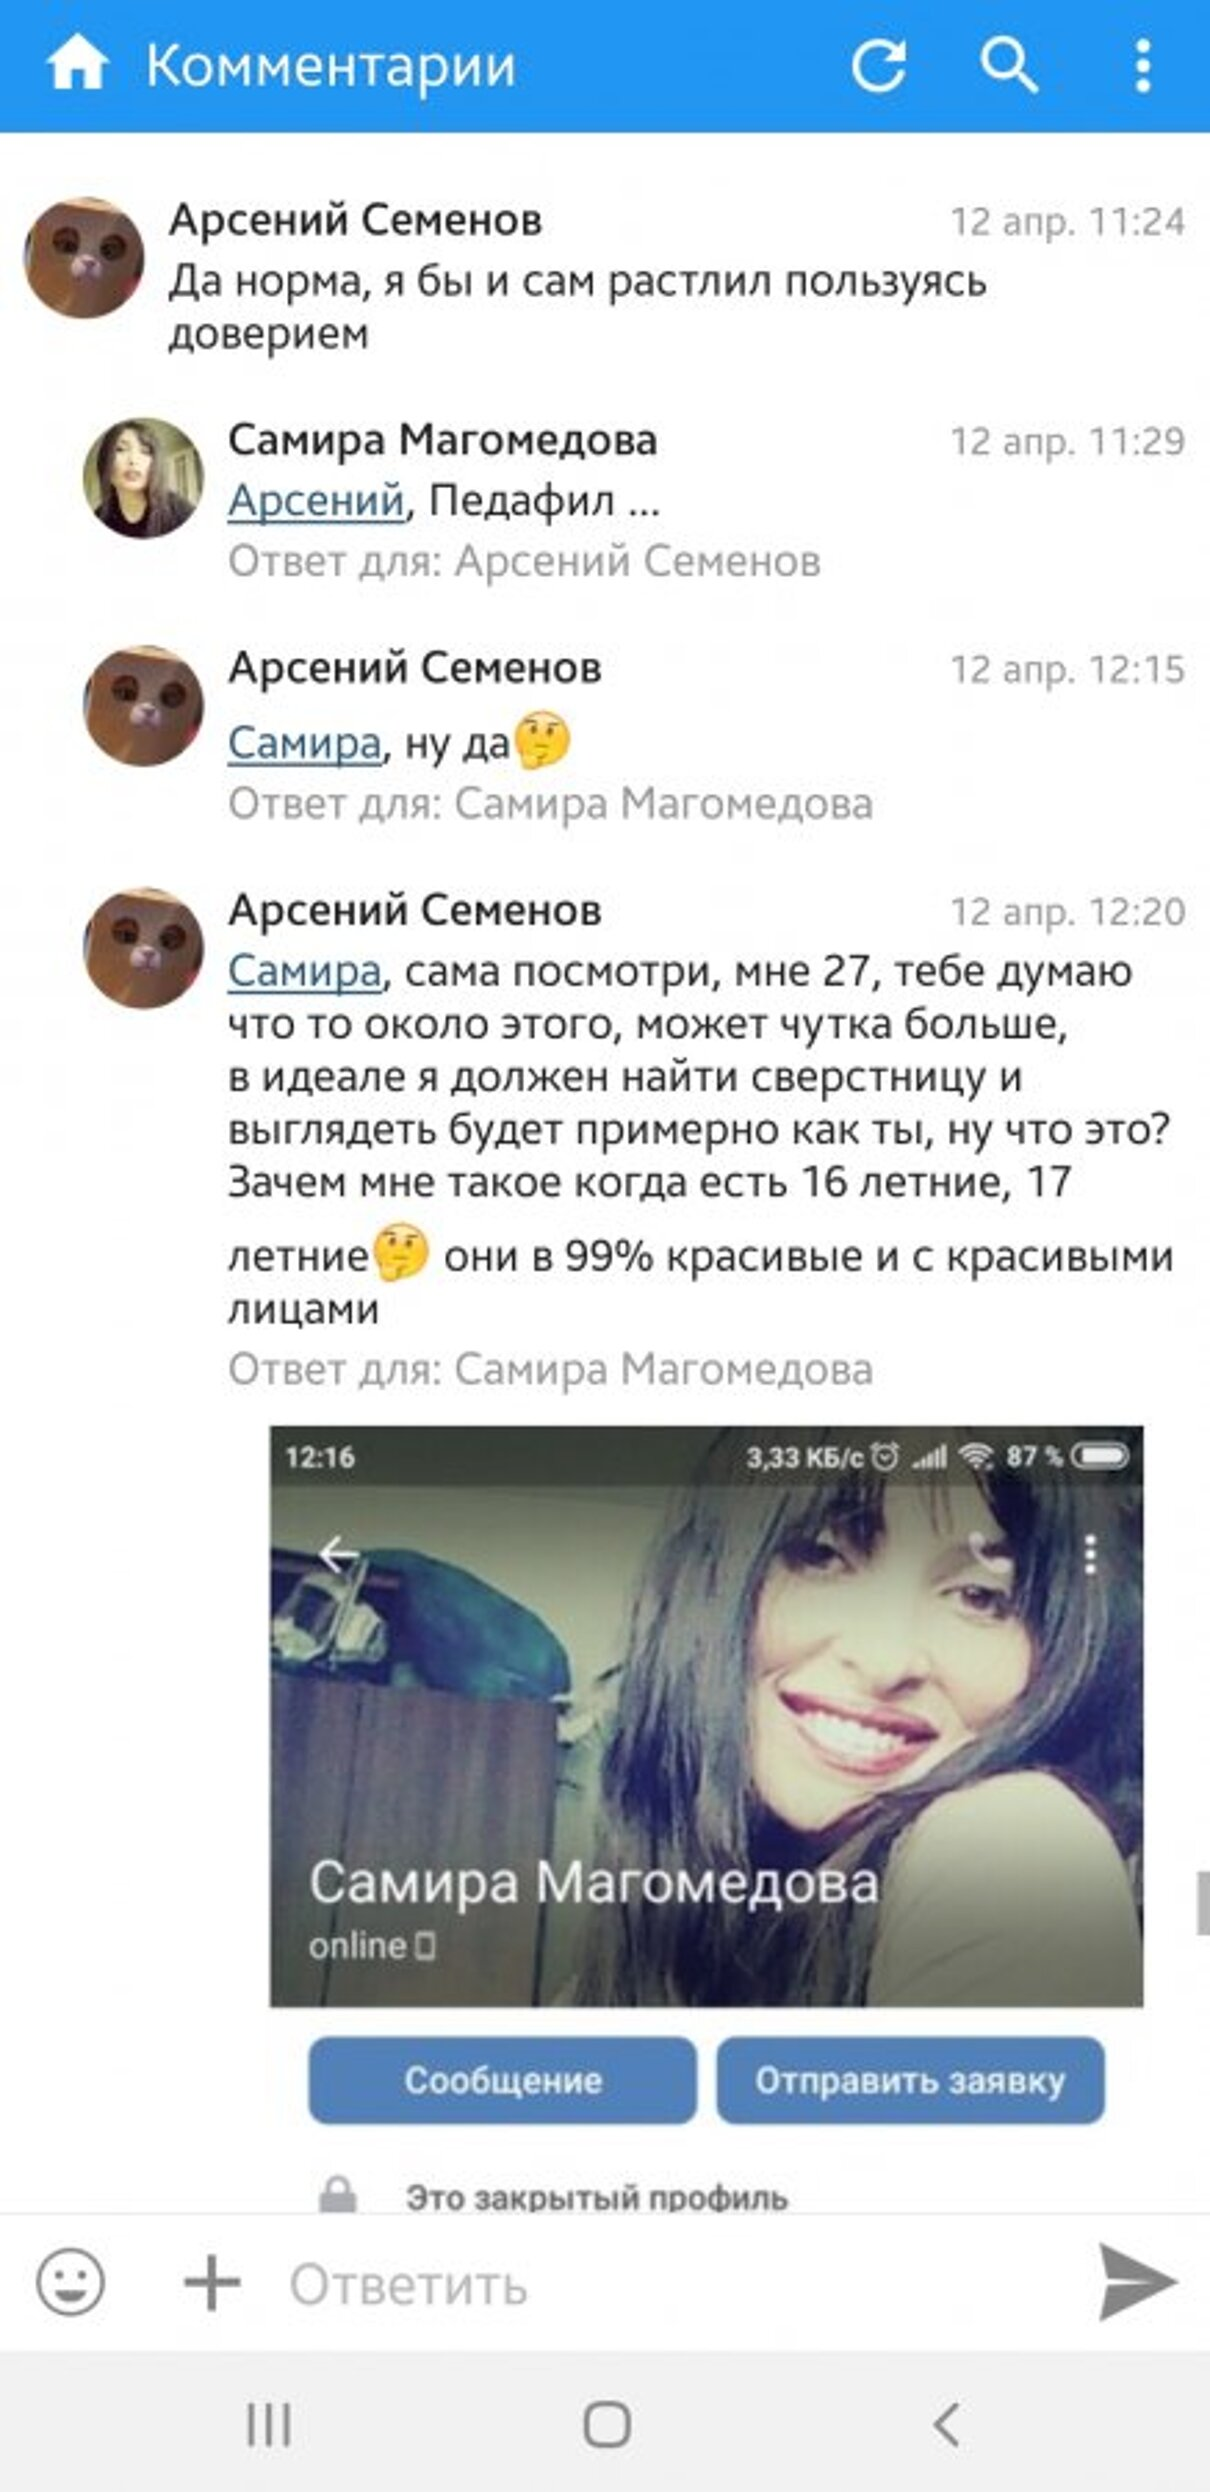 Жалоба-отзыв: Рогов Юрий Альбертович - Рогов Юрий Альбертович мошенник и вор